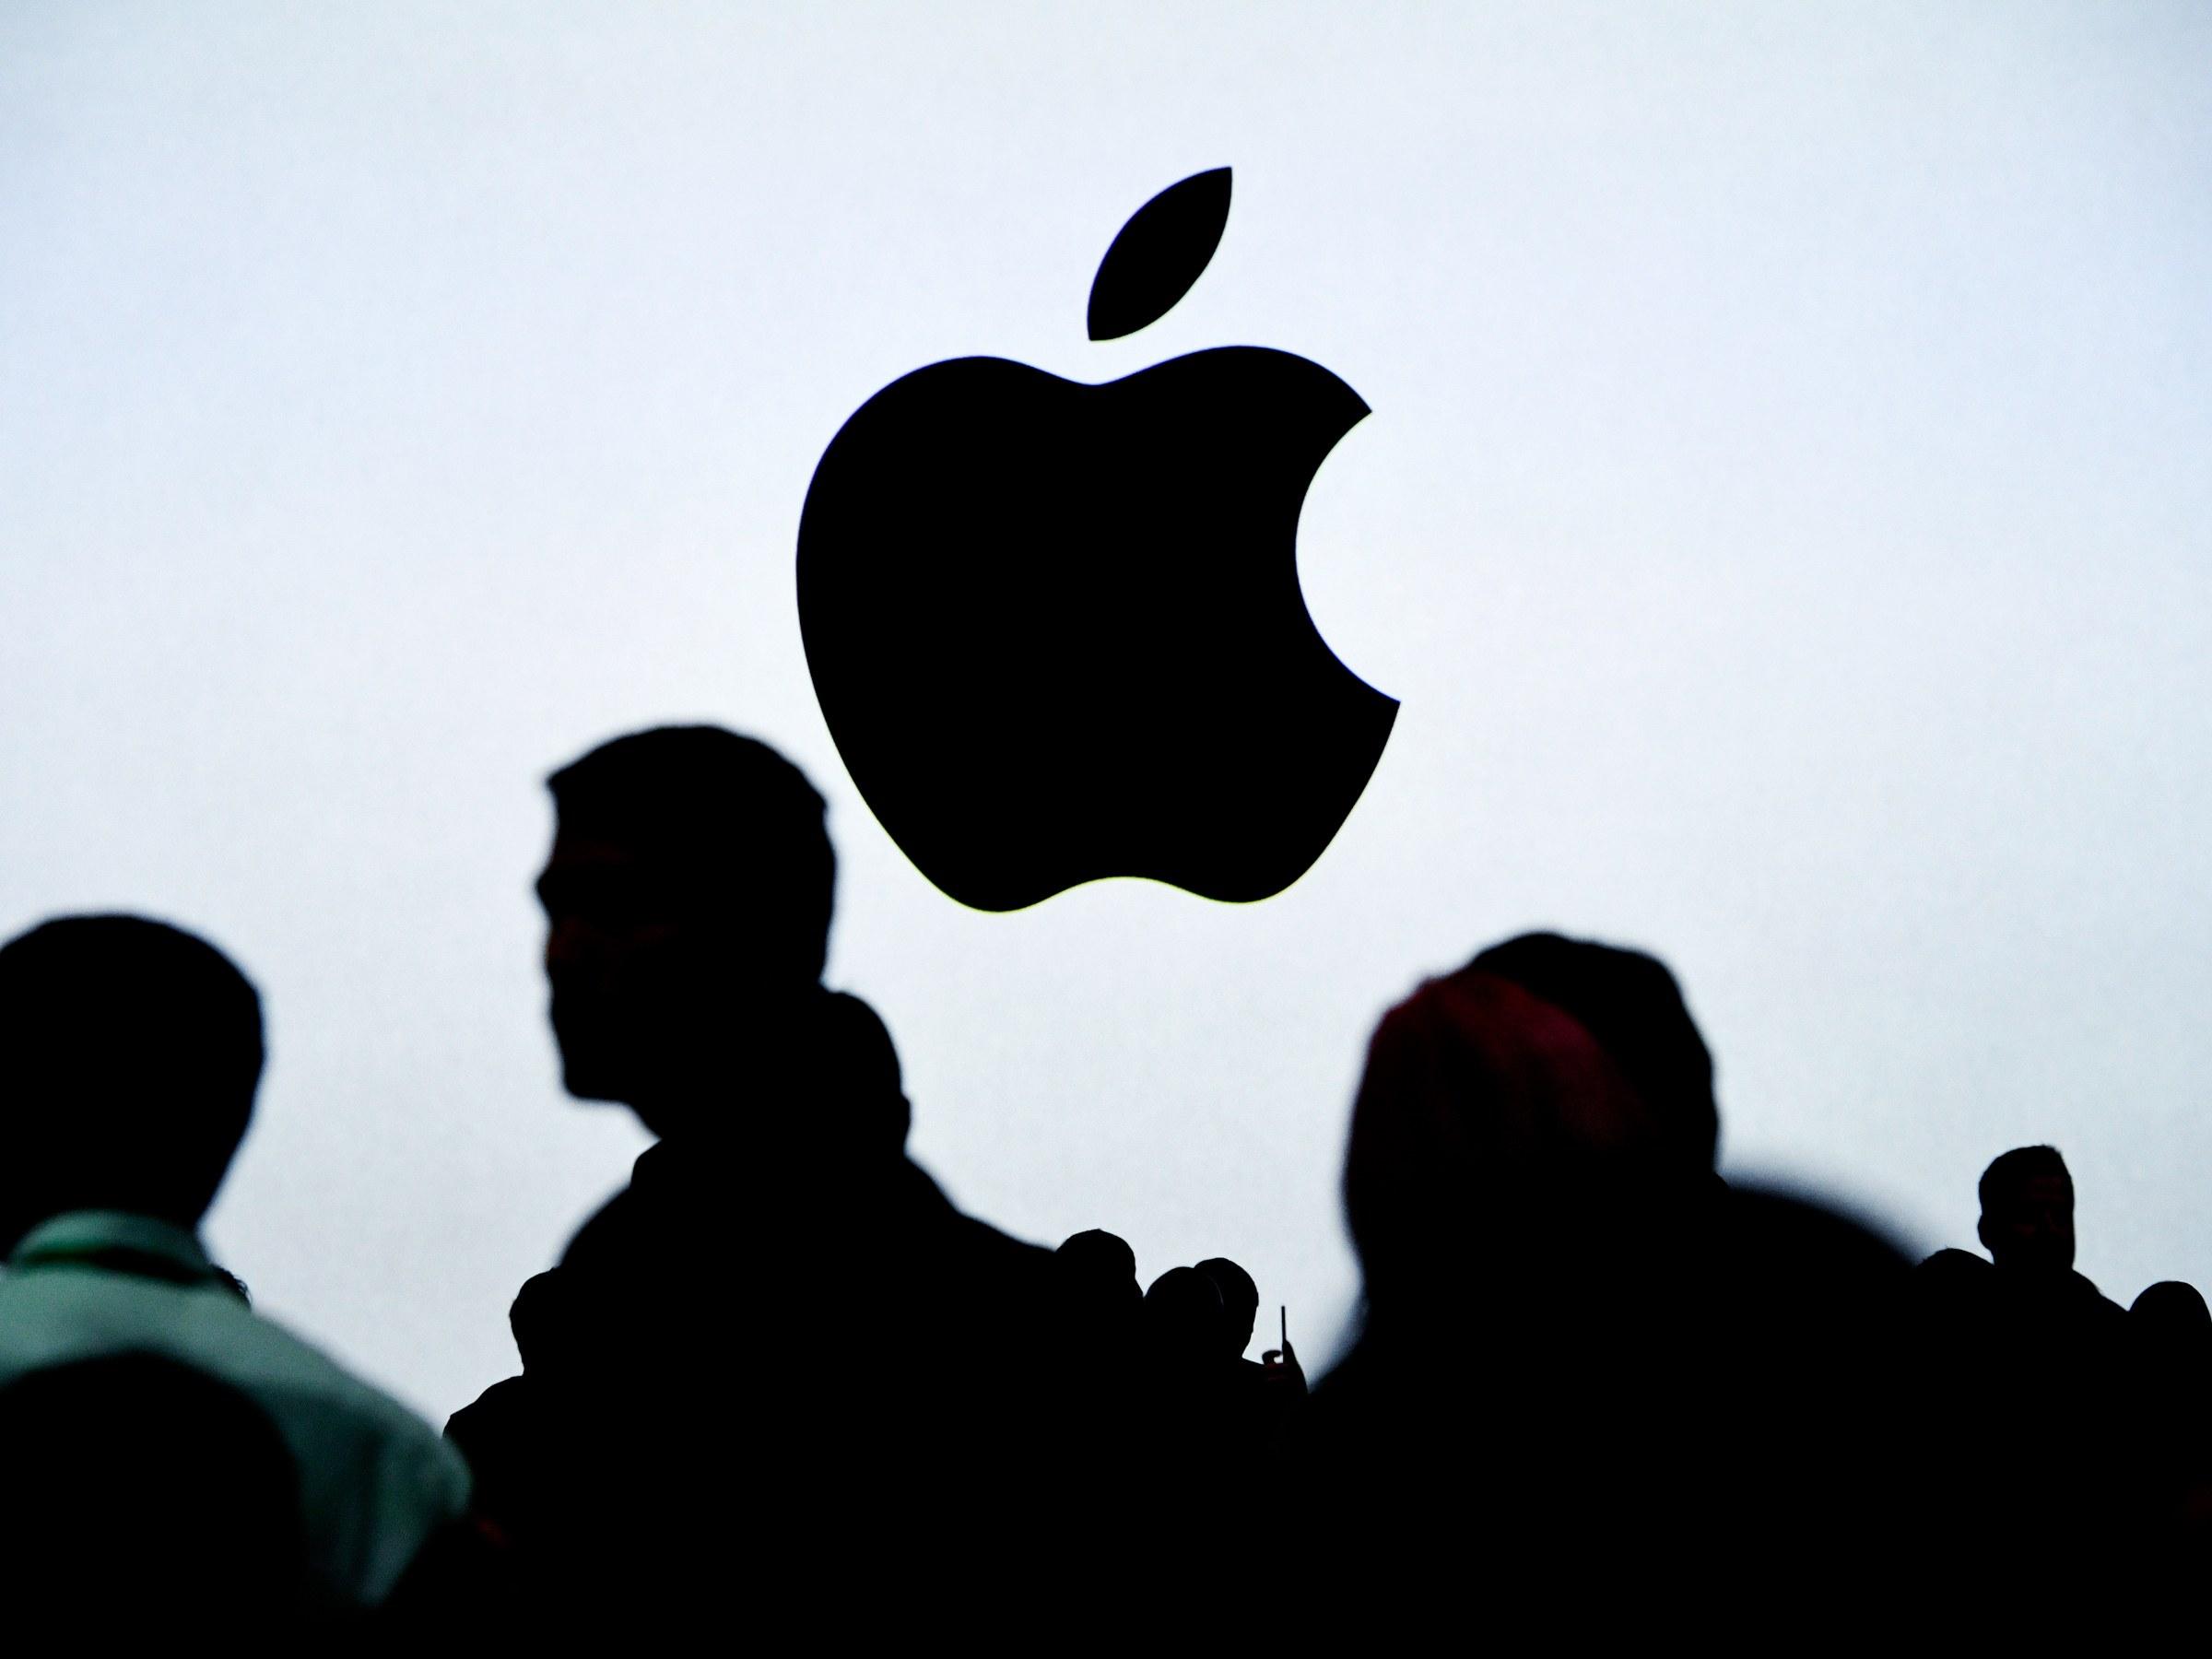 Apple vydal pětici nových videí, tlačí důraz na služby